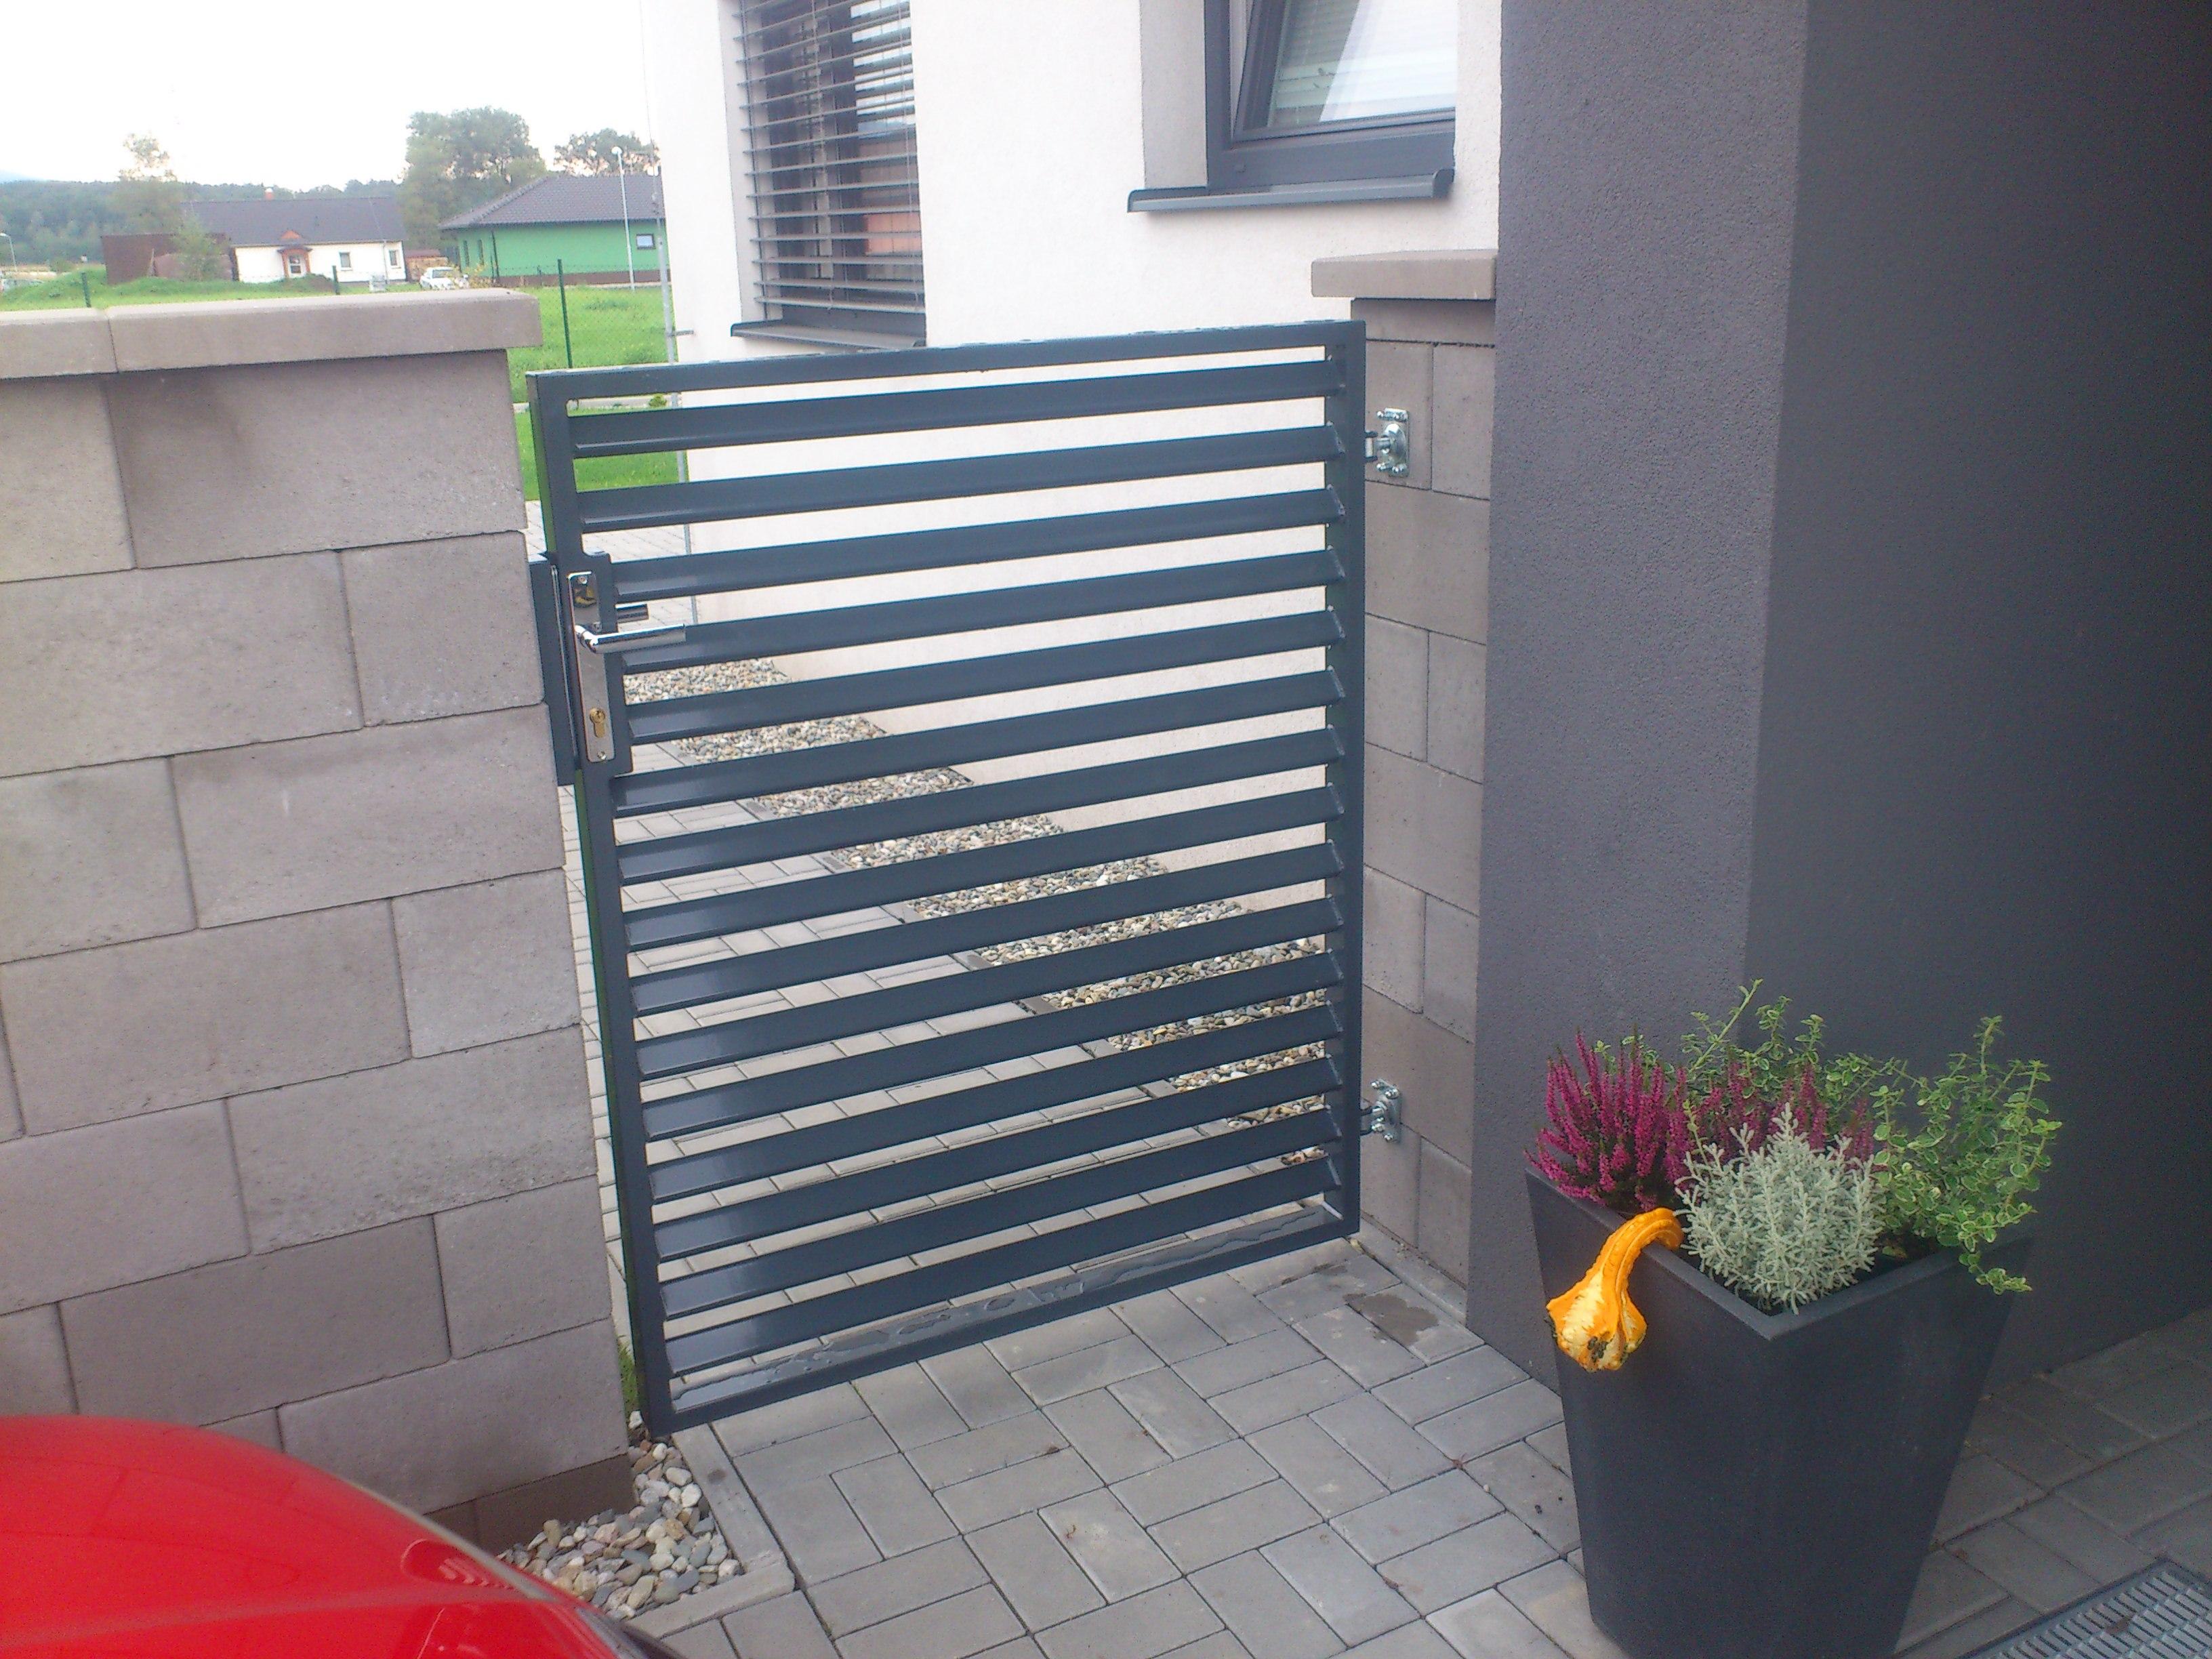 Ploty a brány - Ocelové konstrukce Ostrava - JR Steel